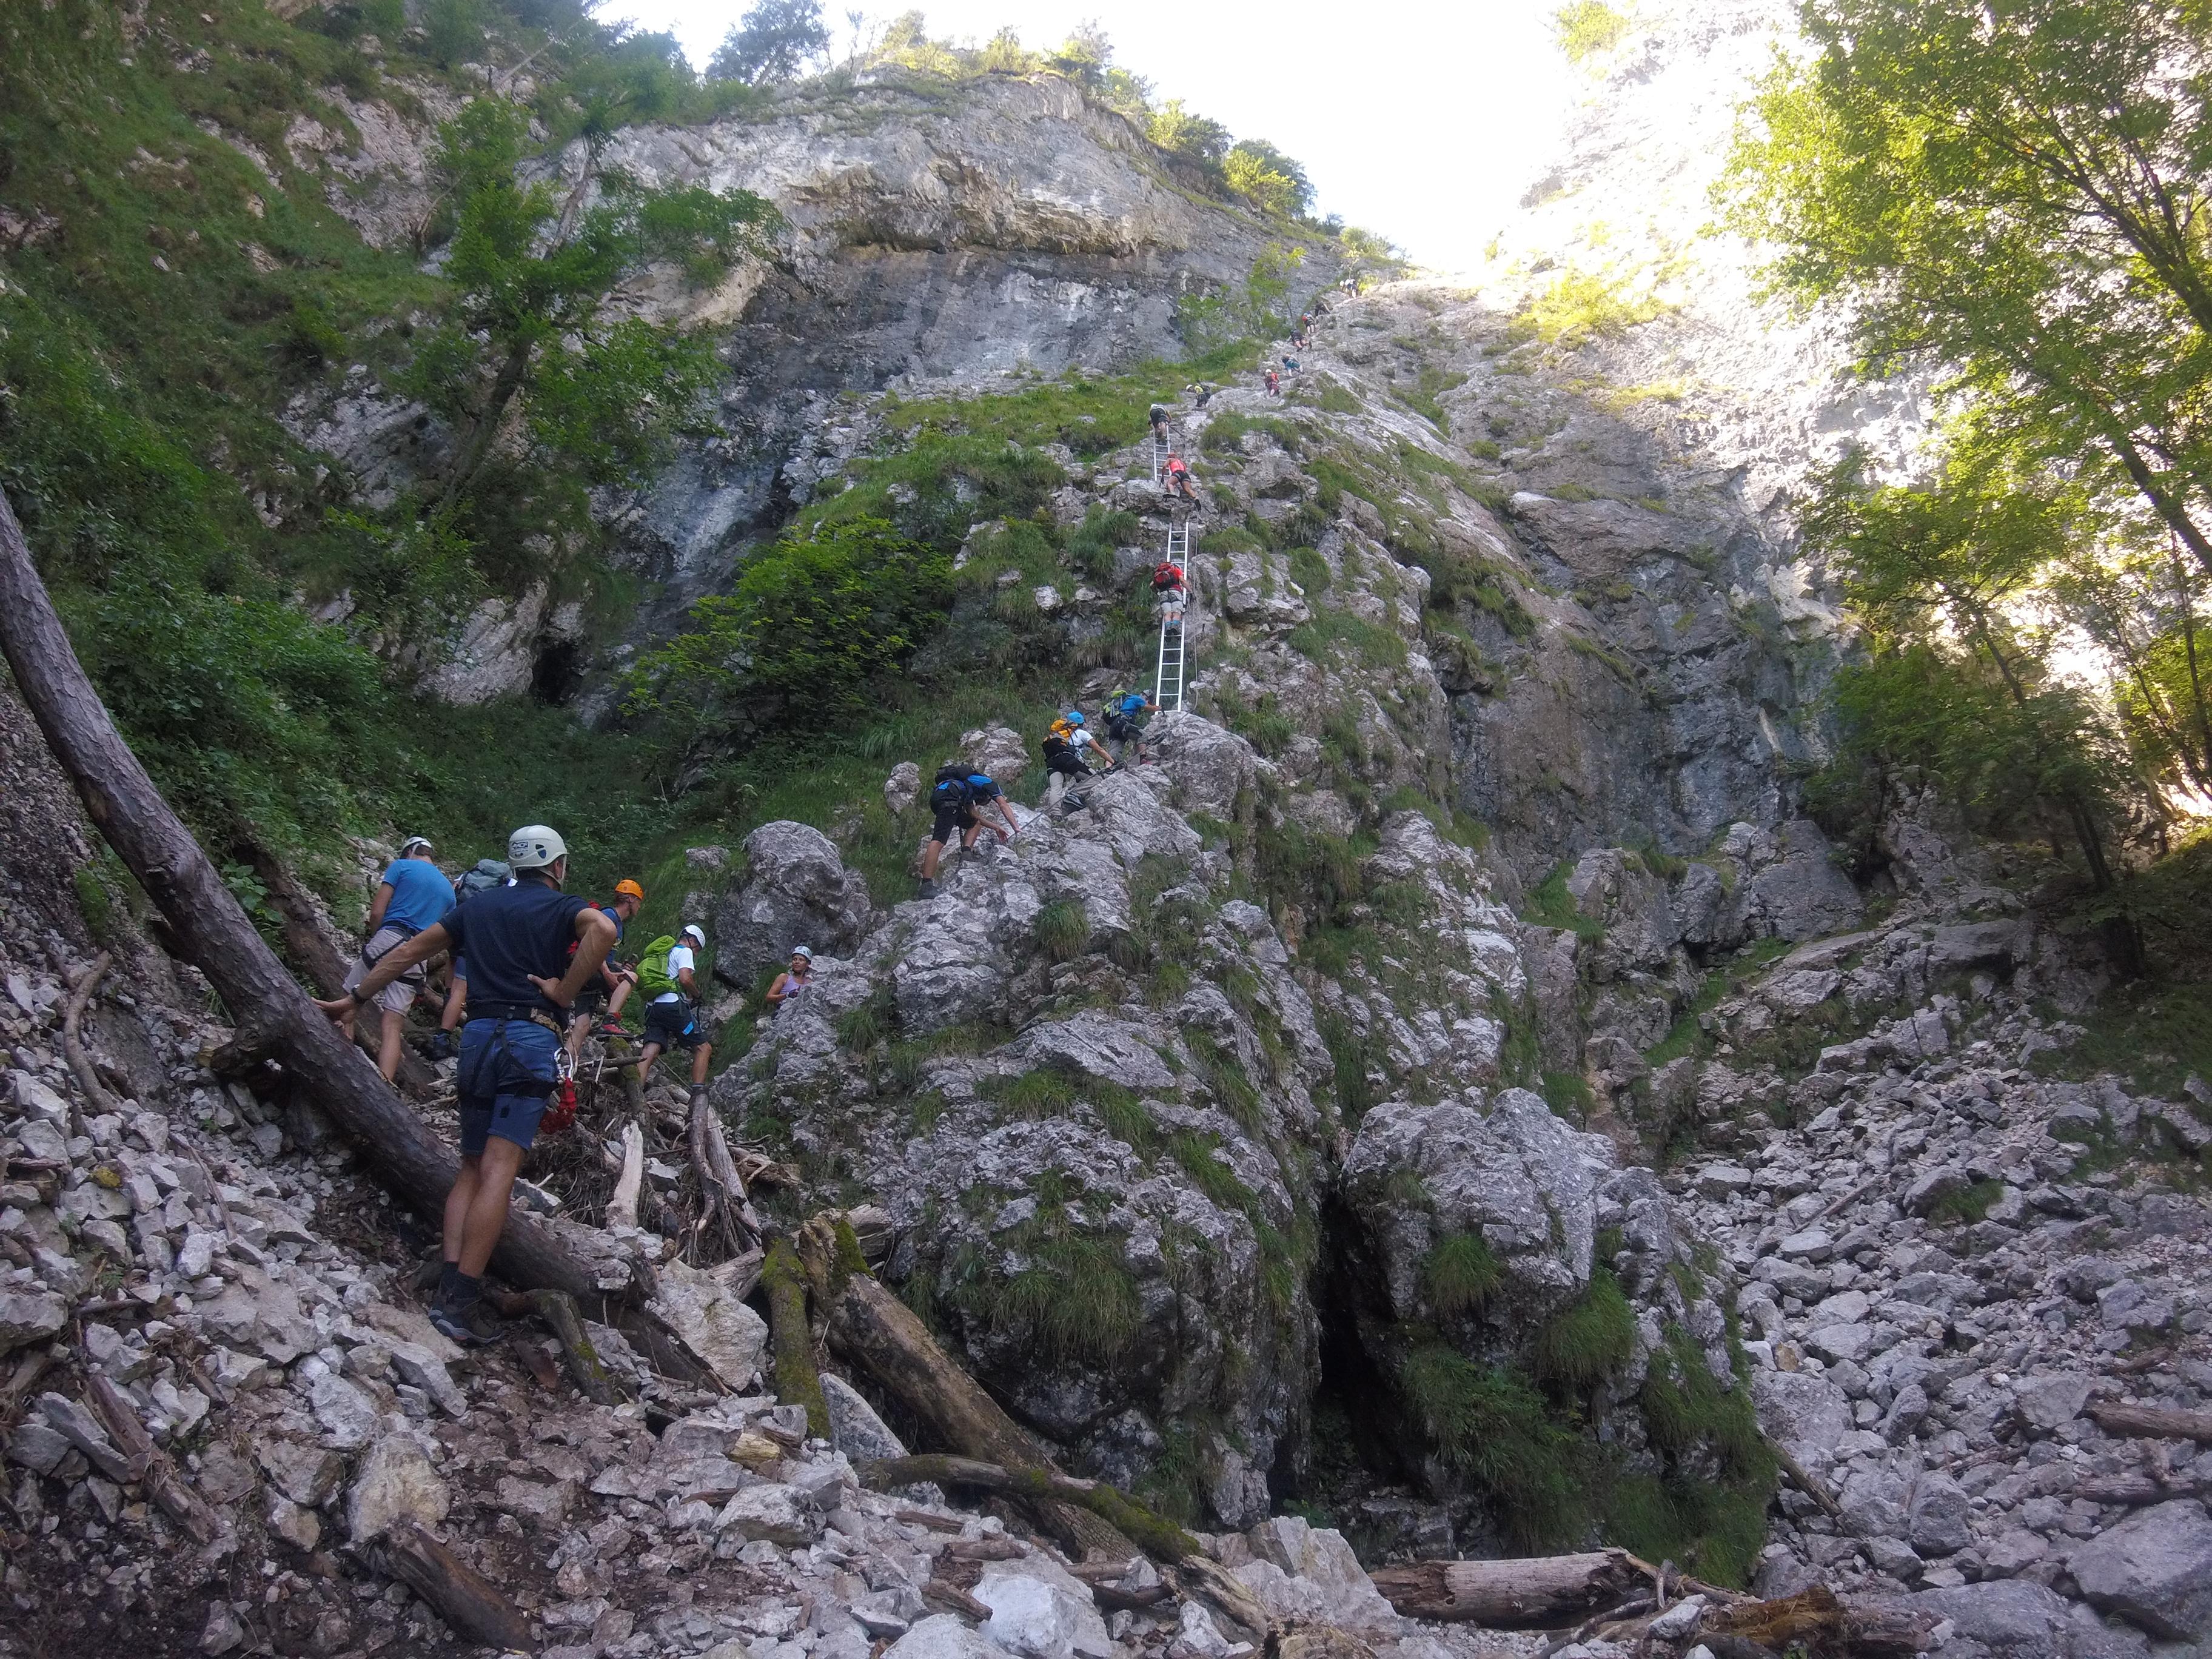 Klettersteig Wolfgangsee : Der drachenwand klettersteig am mondsee bergzeit magazin